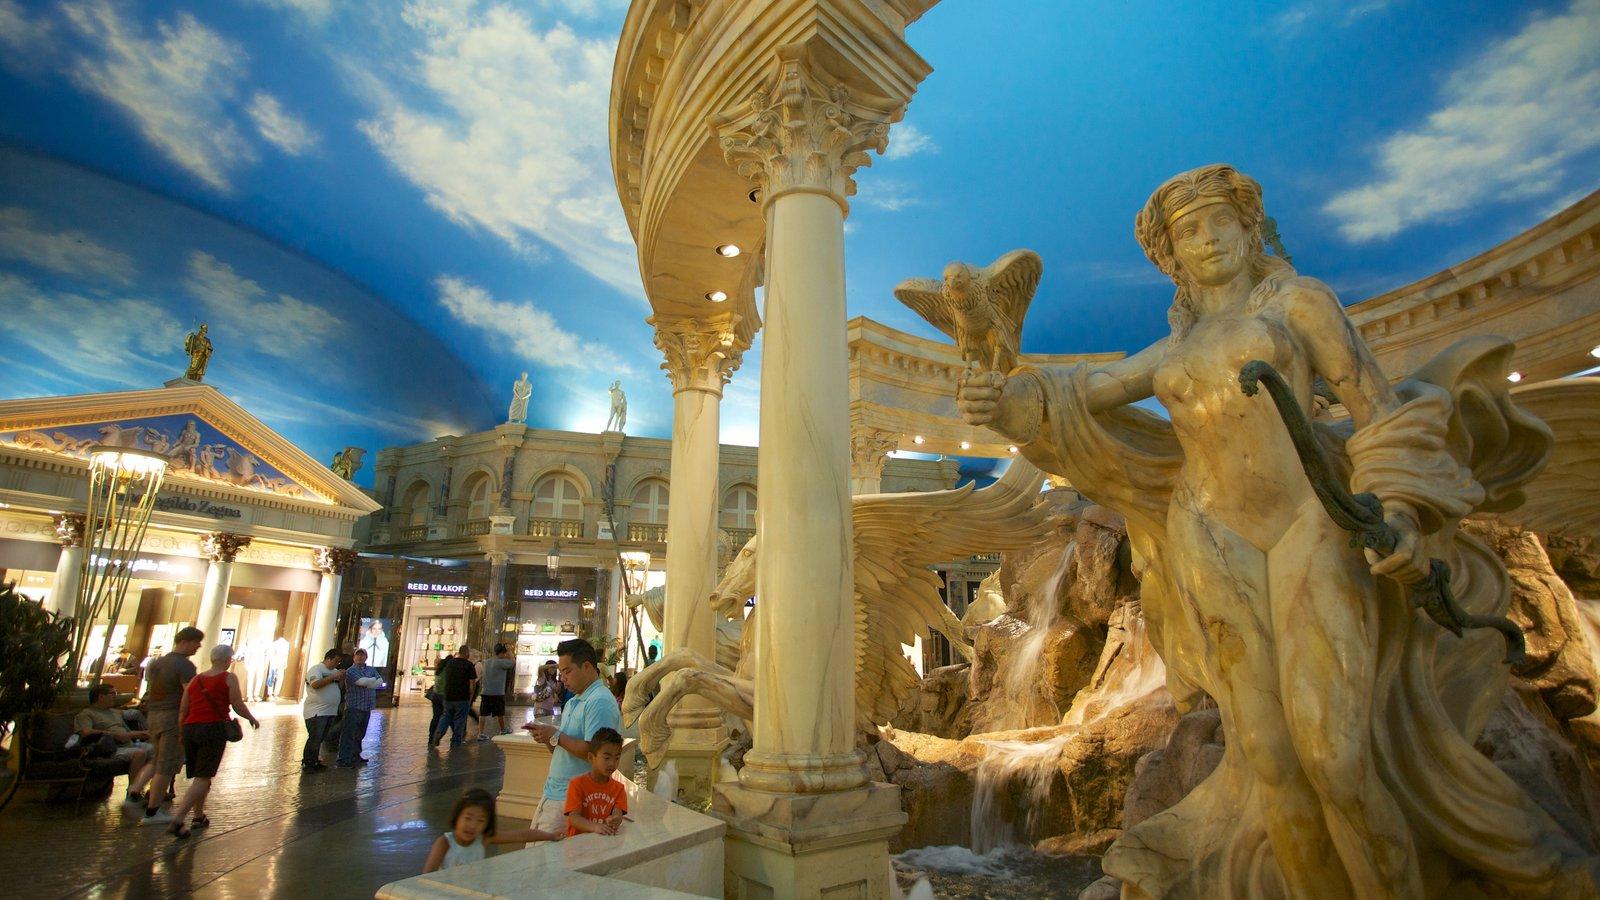 Forum Shops mostrando uma fonte e arte ao ar livre